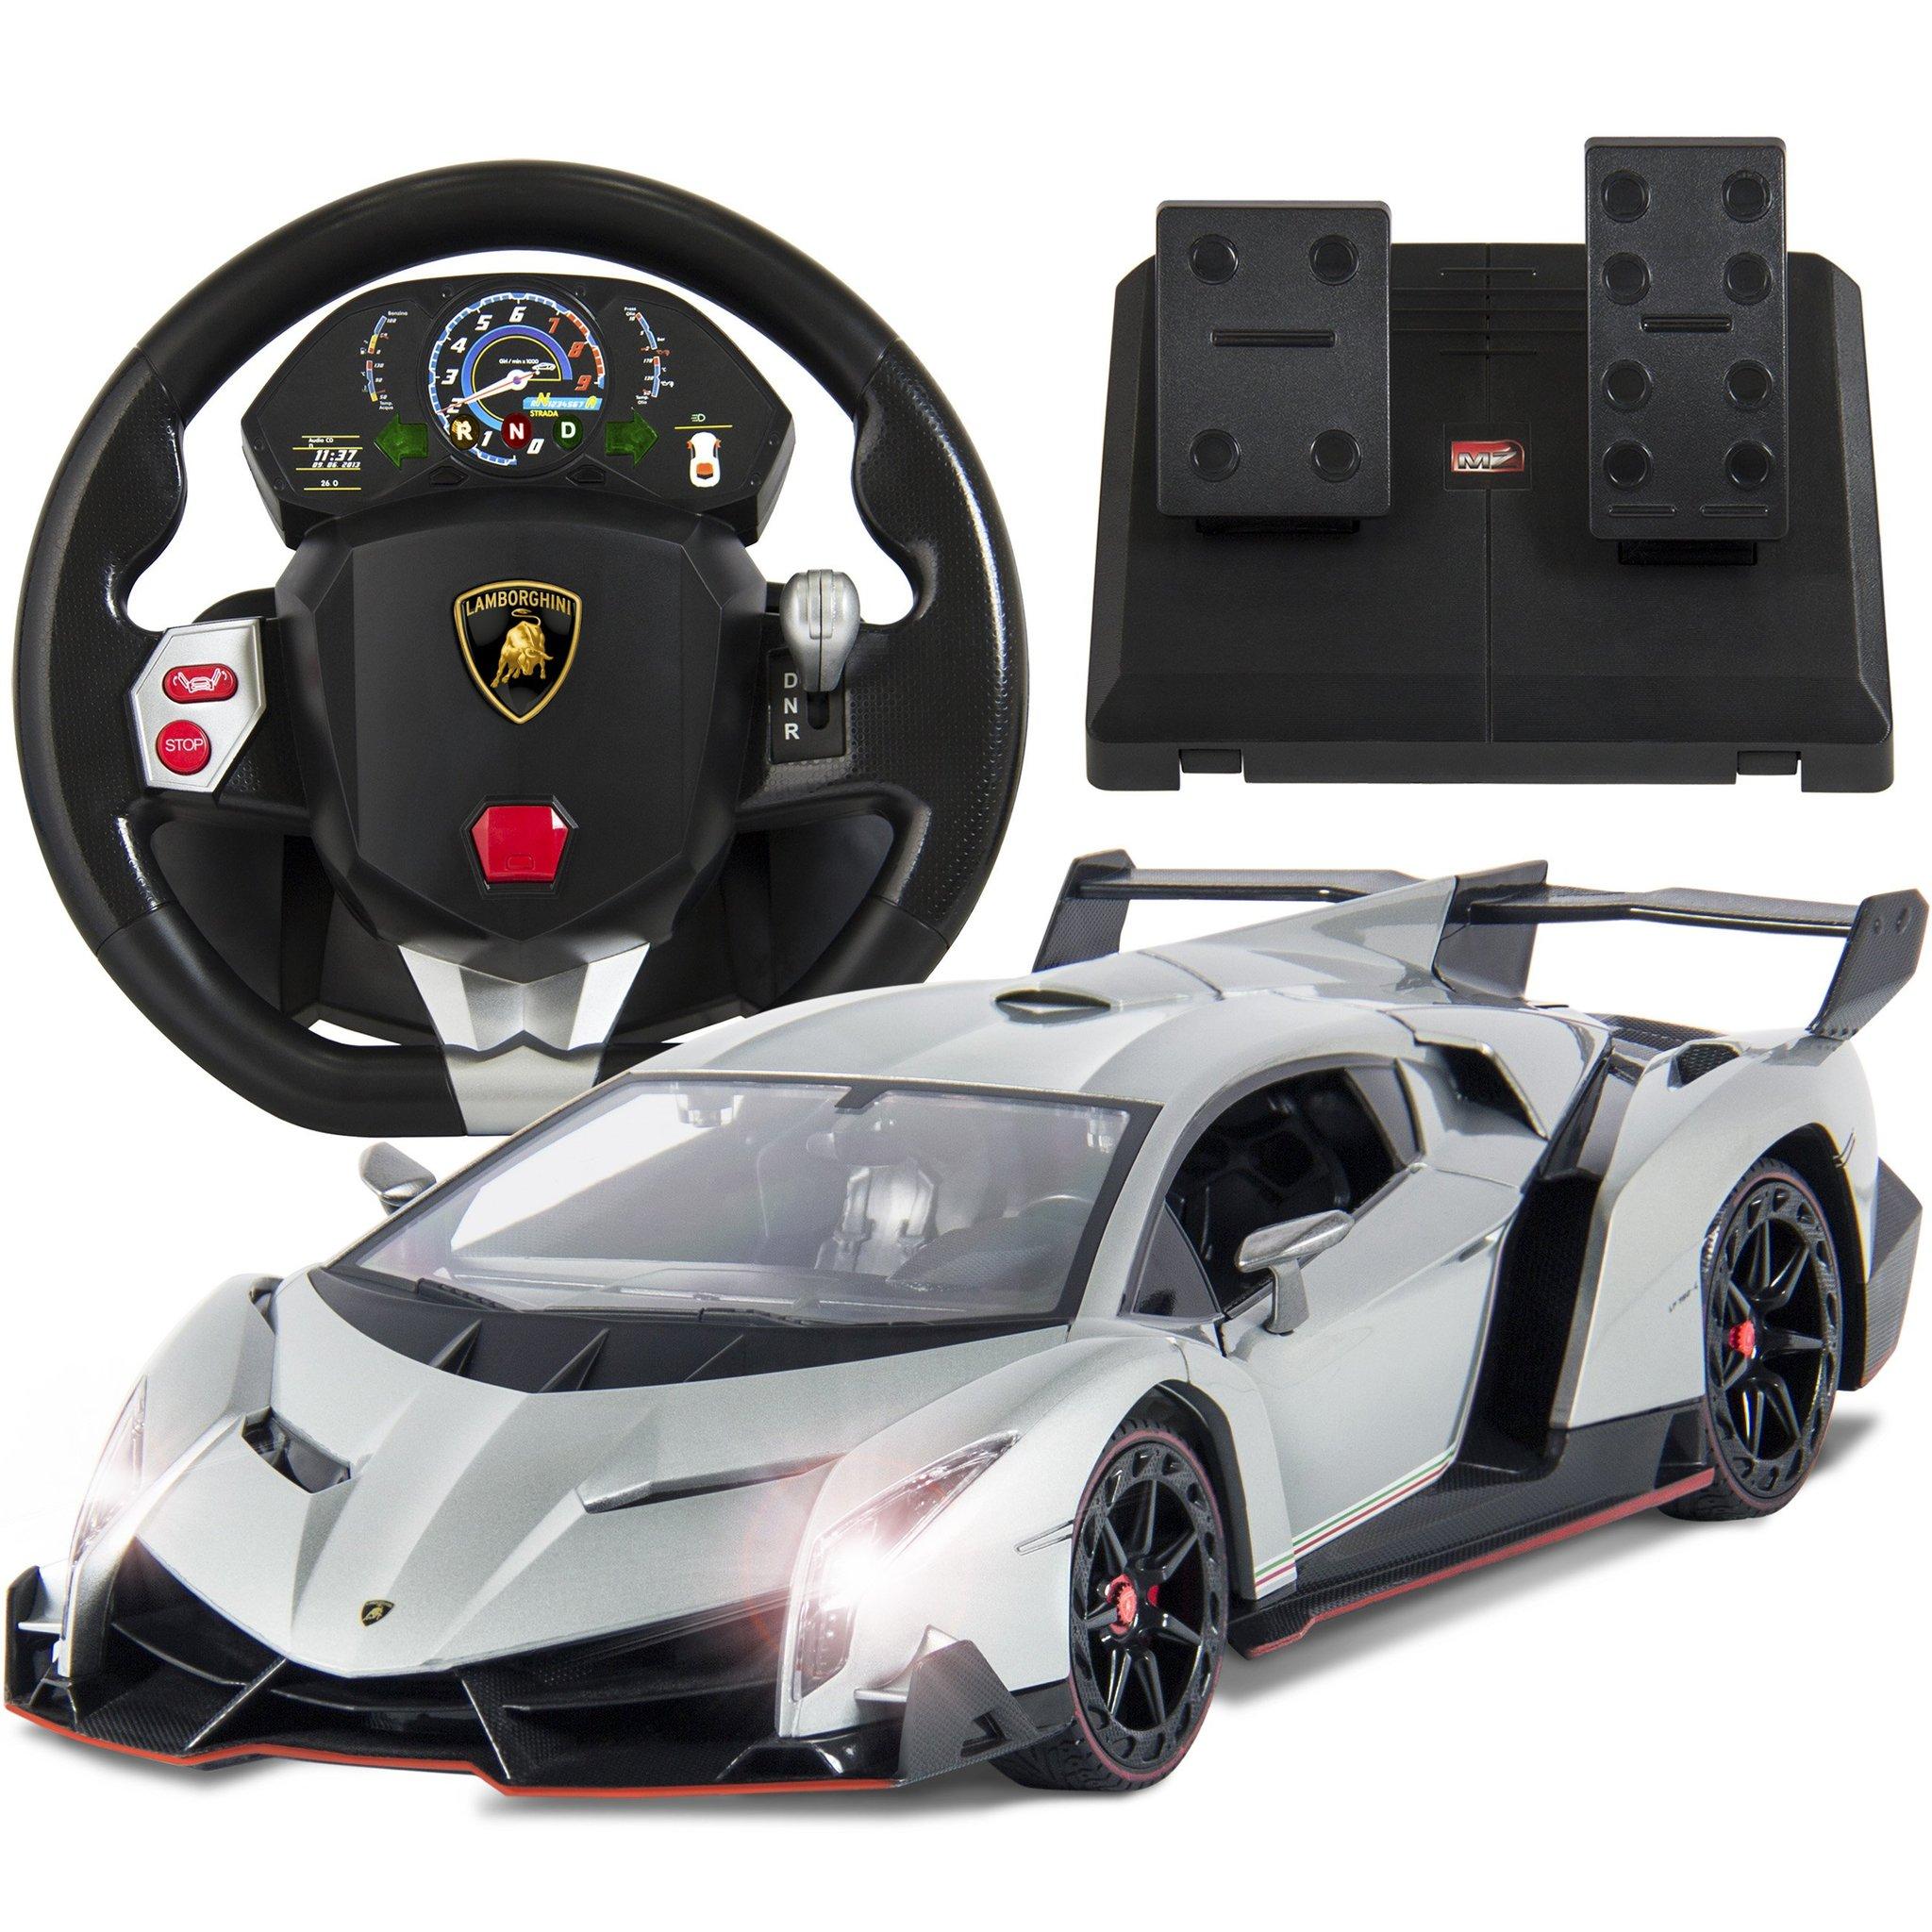 Mobil RC Holy Stone - Ini, Lho Rentang Harga Mobil Remote Control Murah